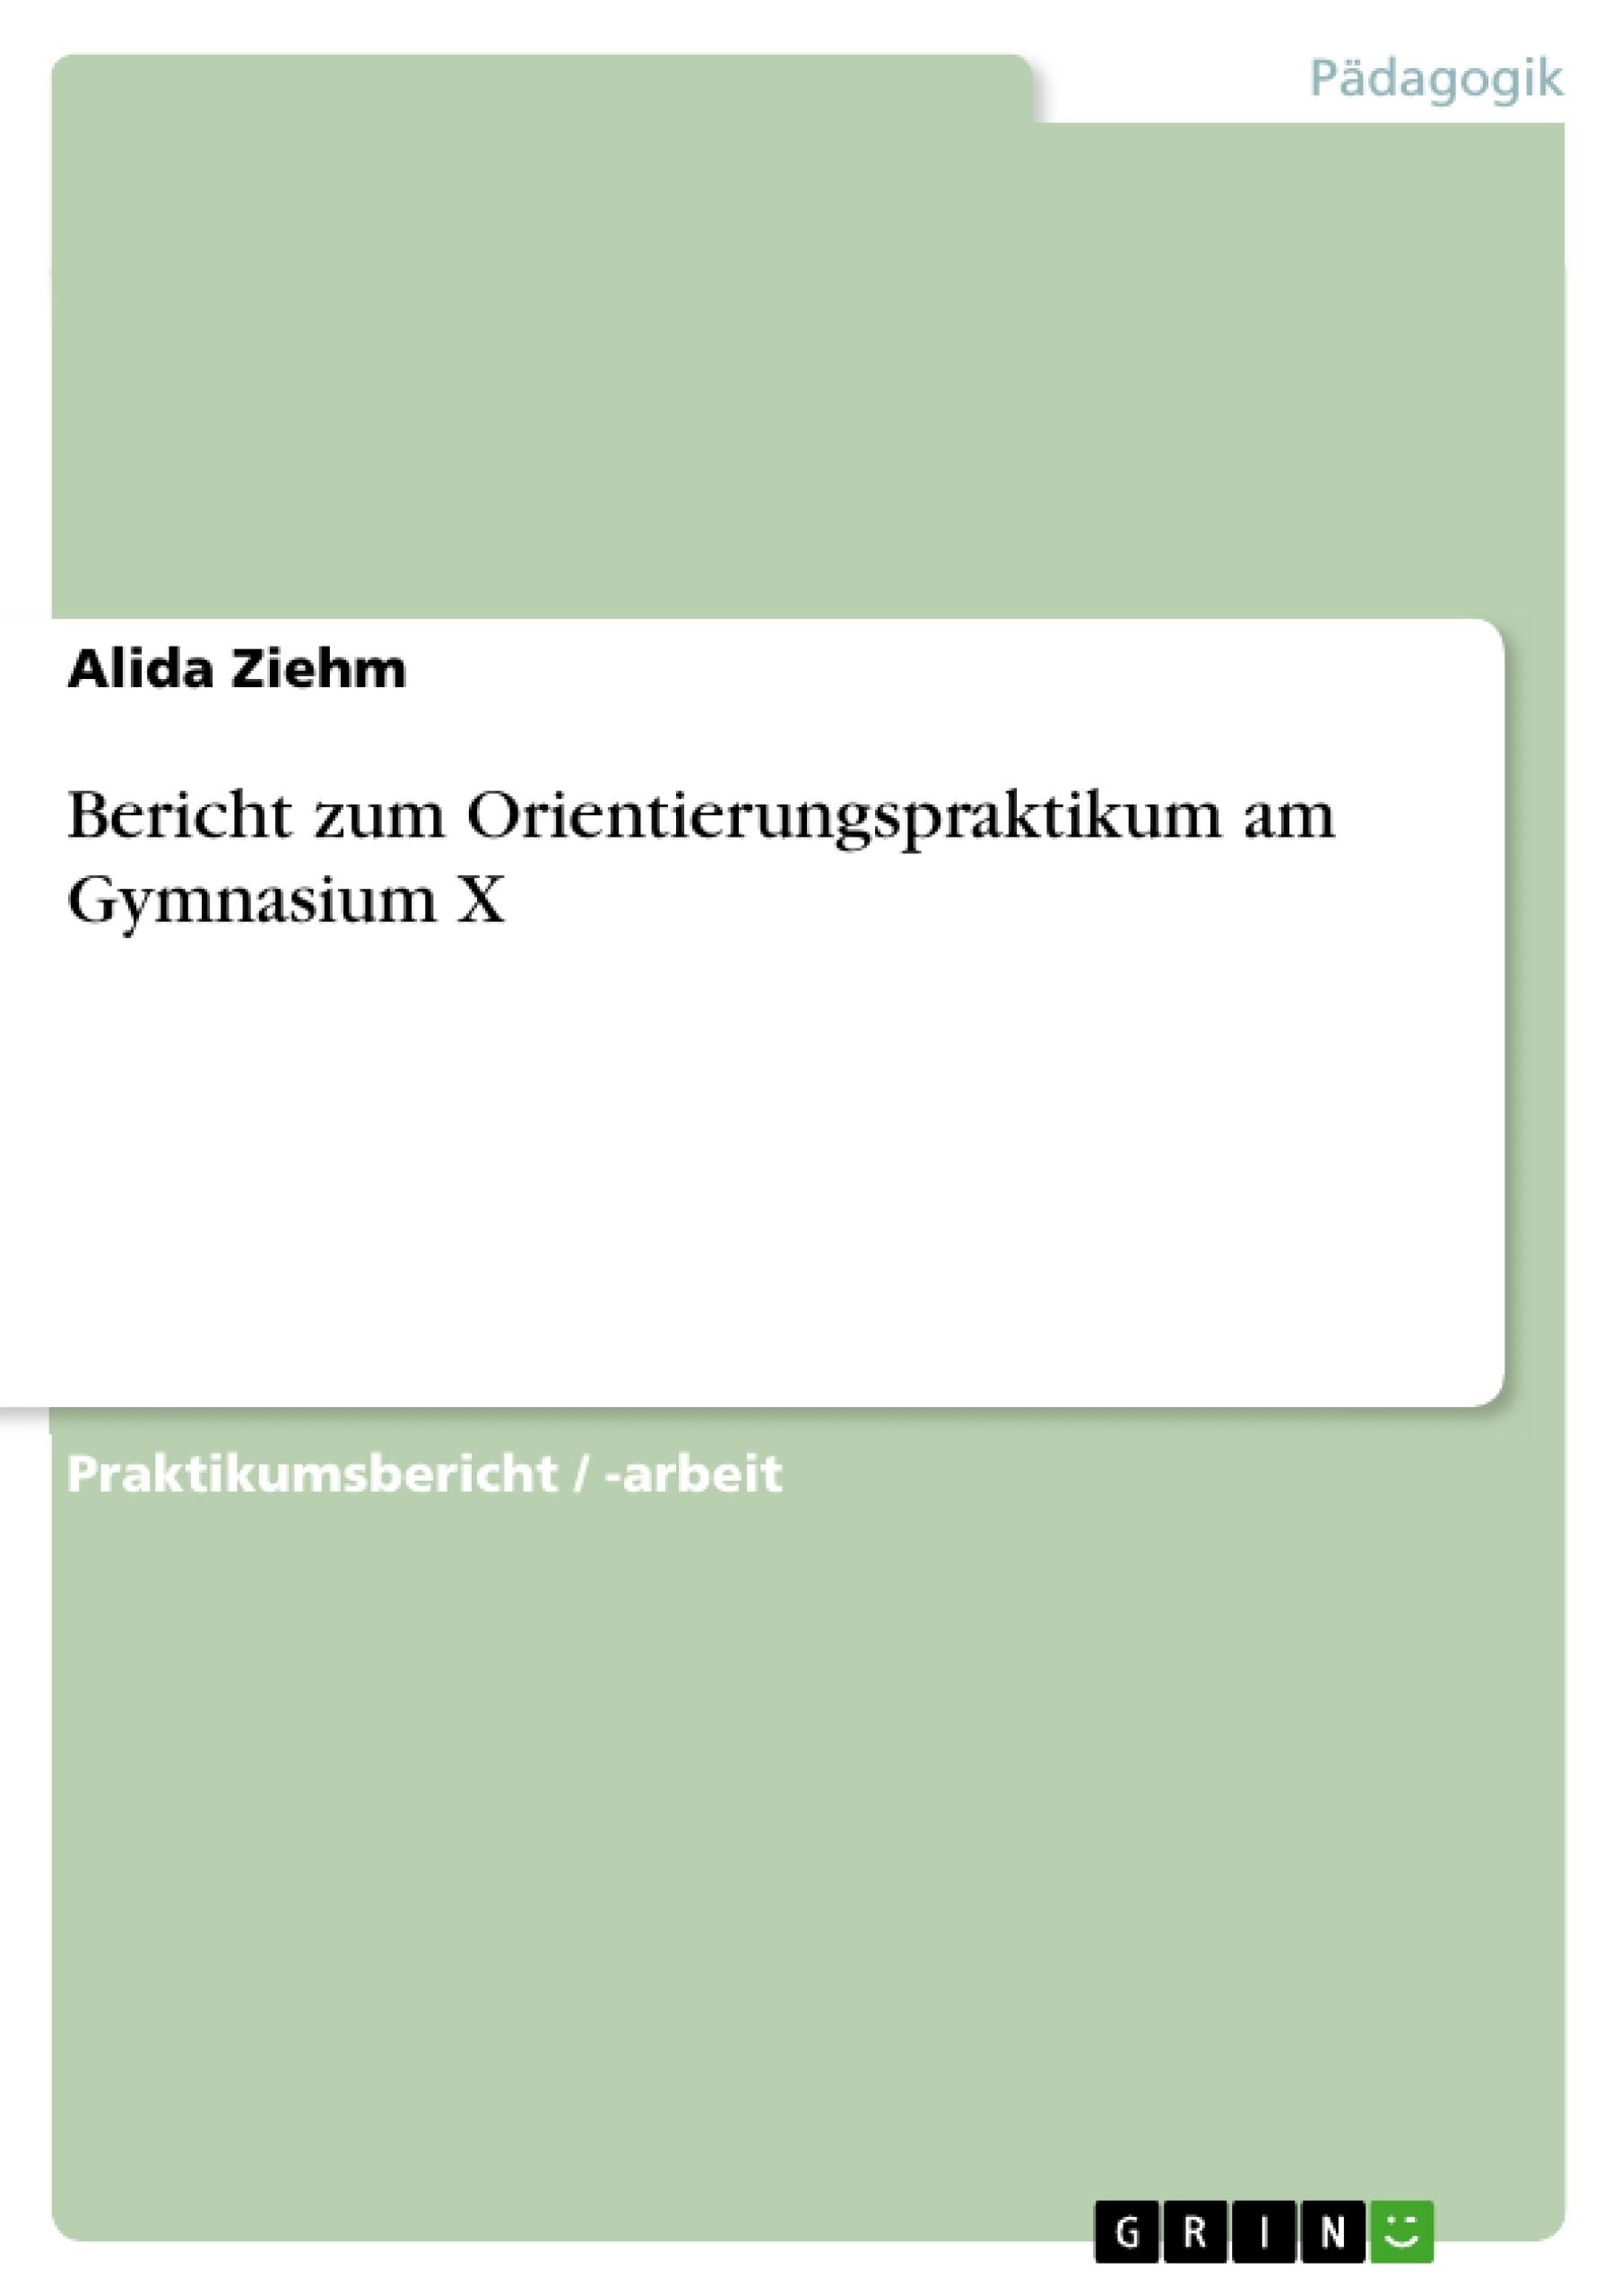 Titel: Bericht zum Orientierungspraktikum am Gymnasium X